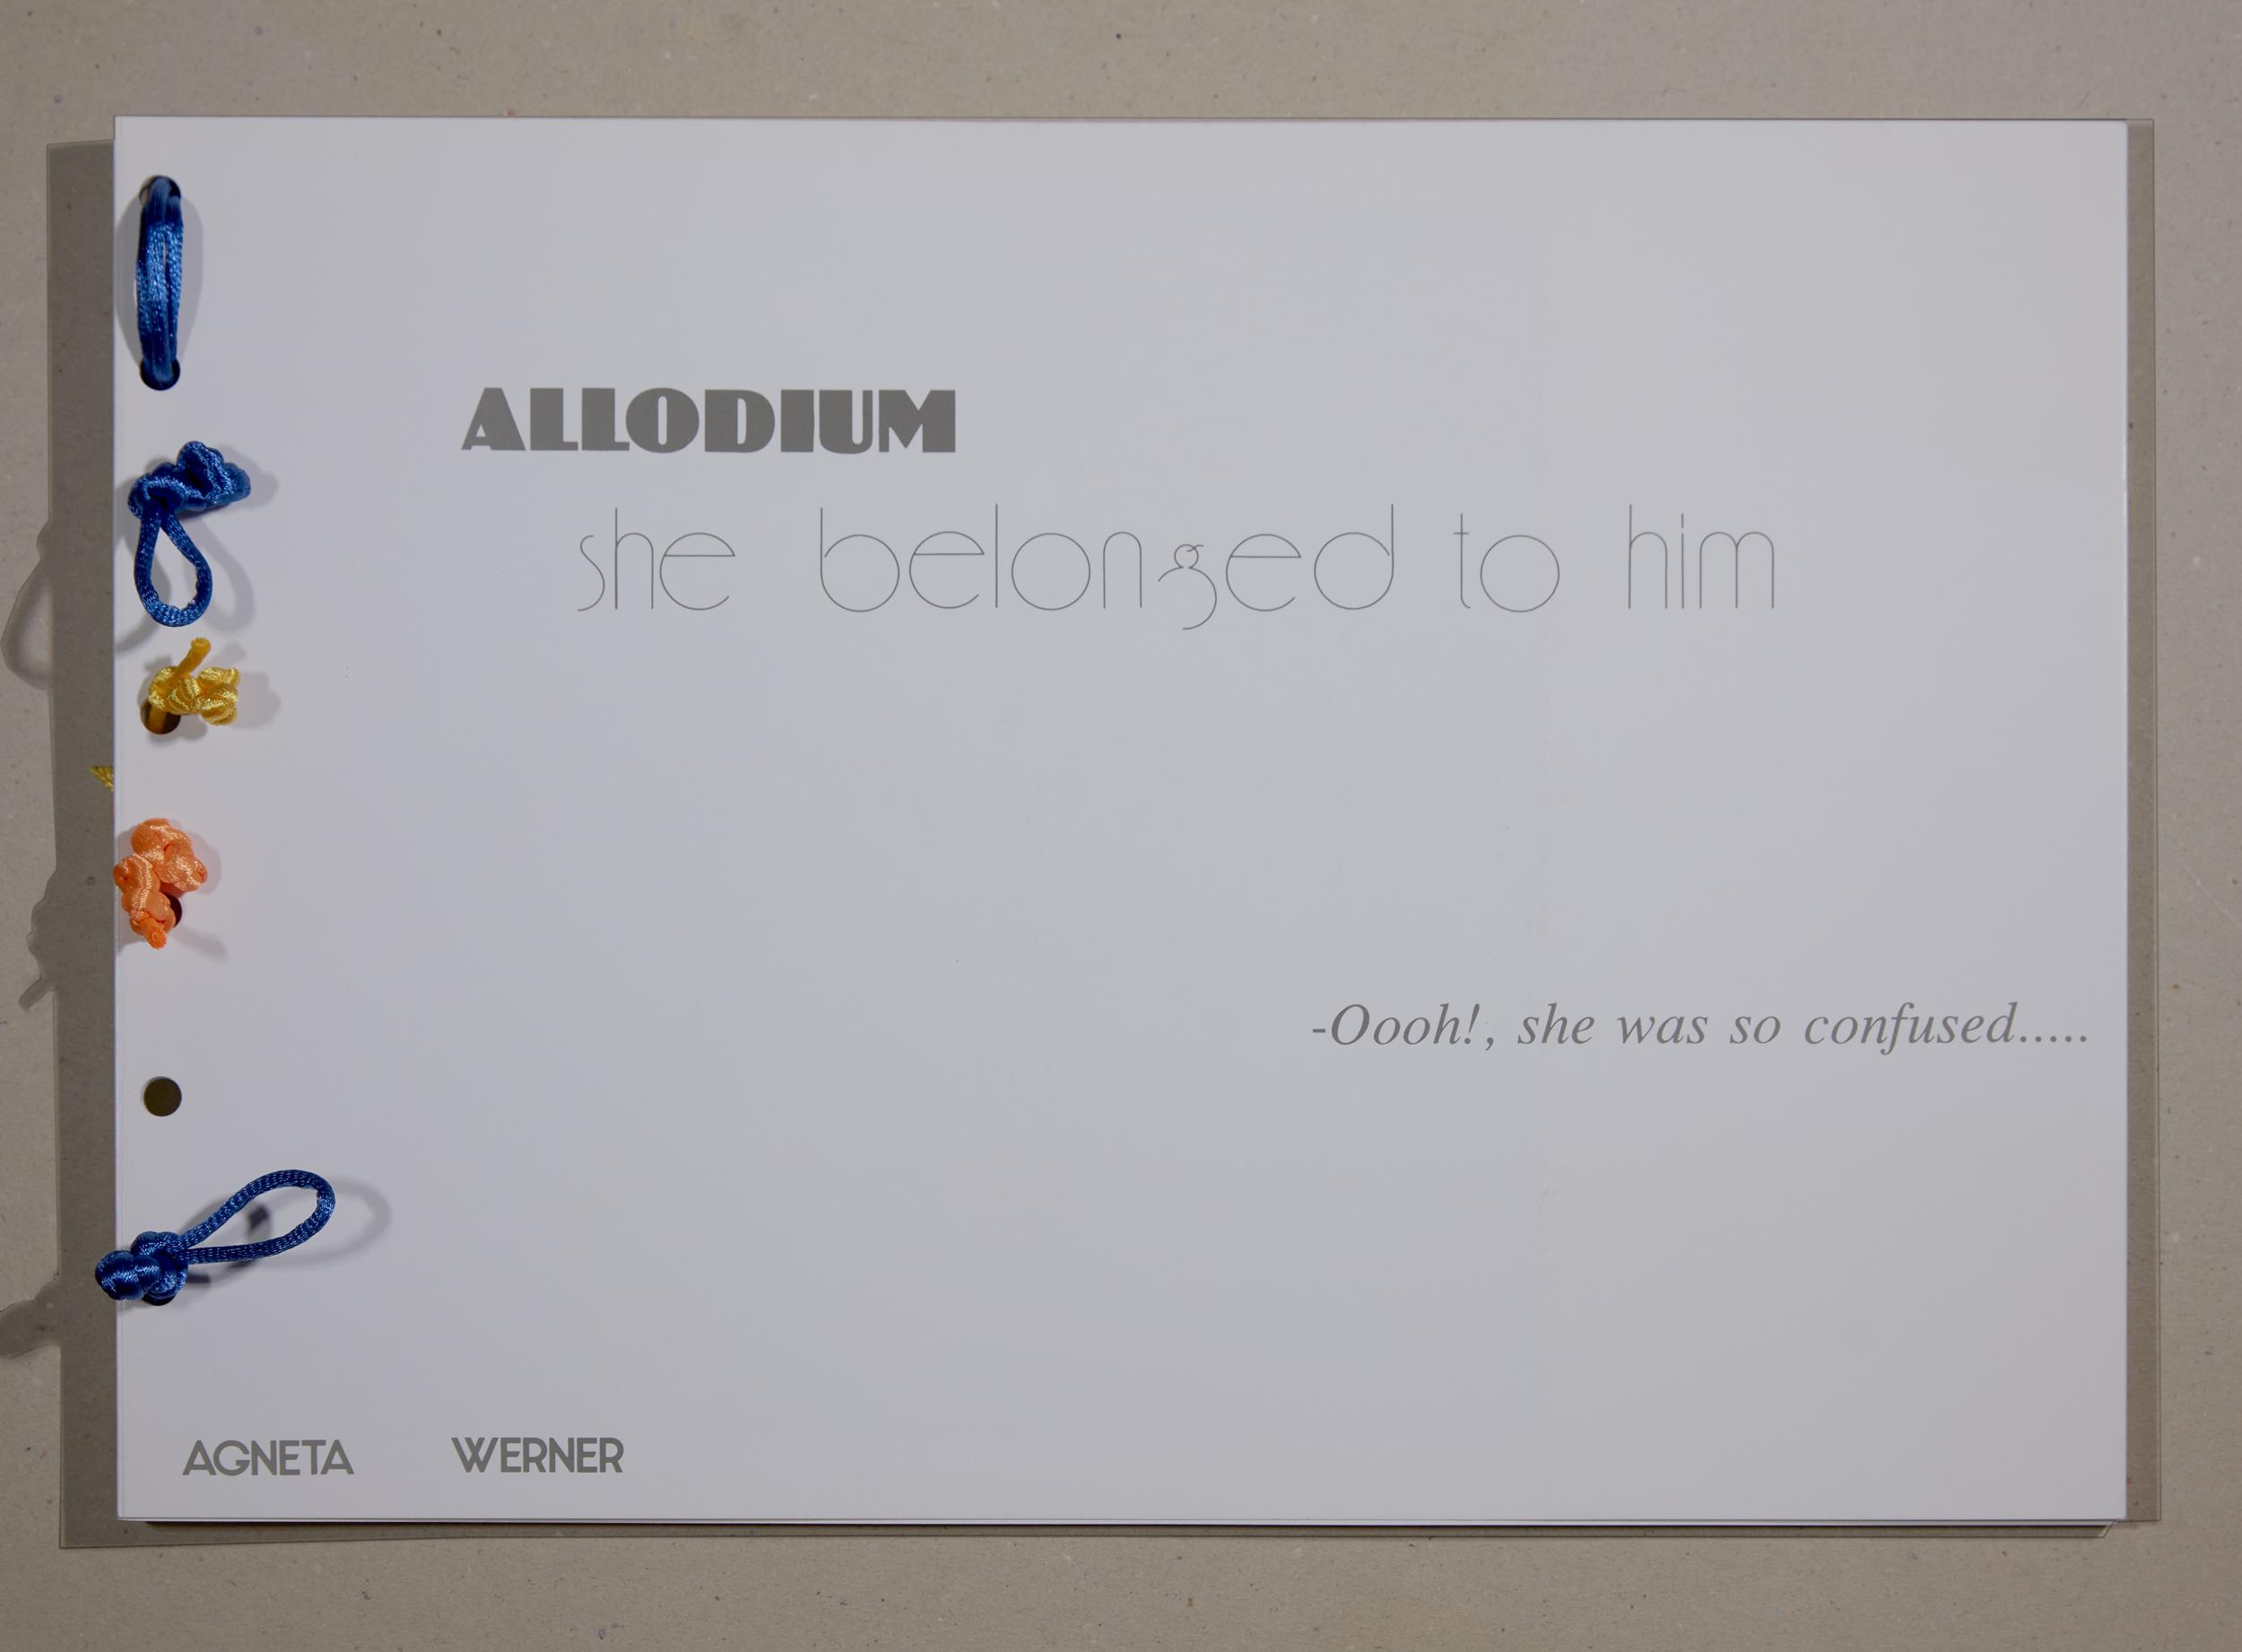 Werner, Agneta. Allodium